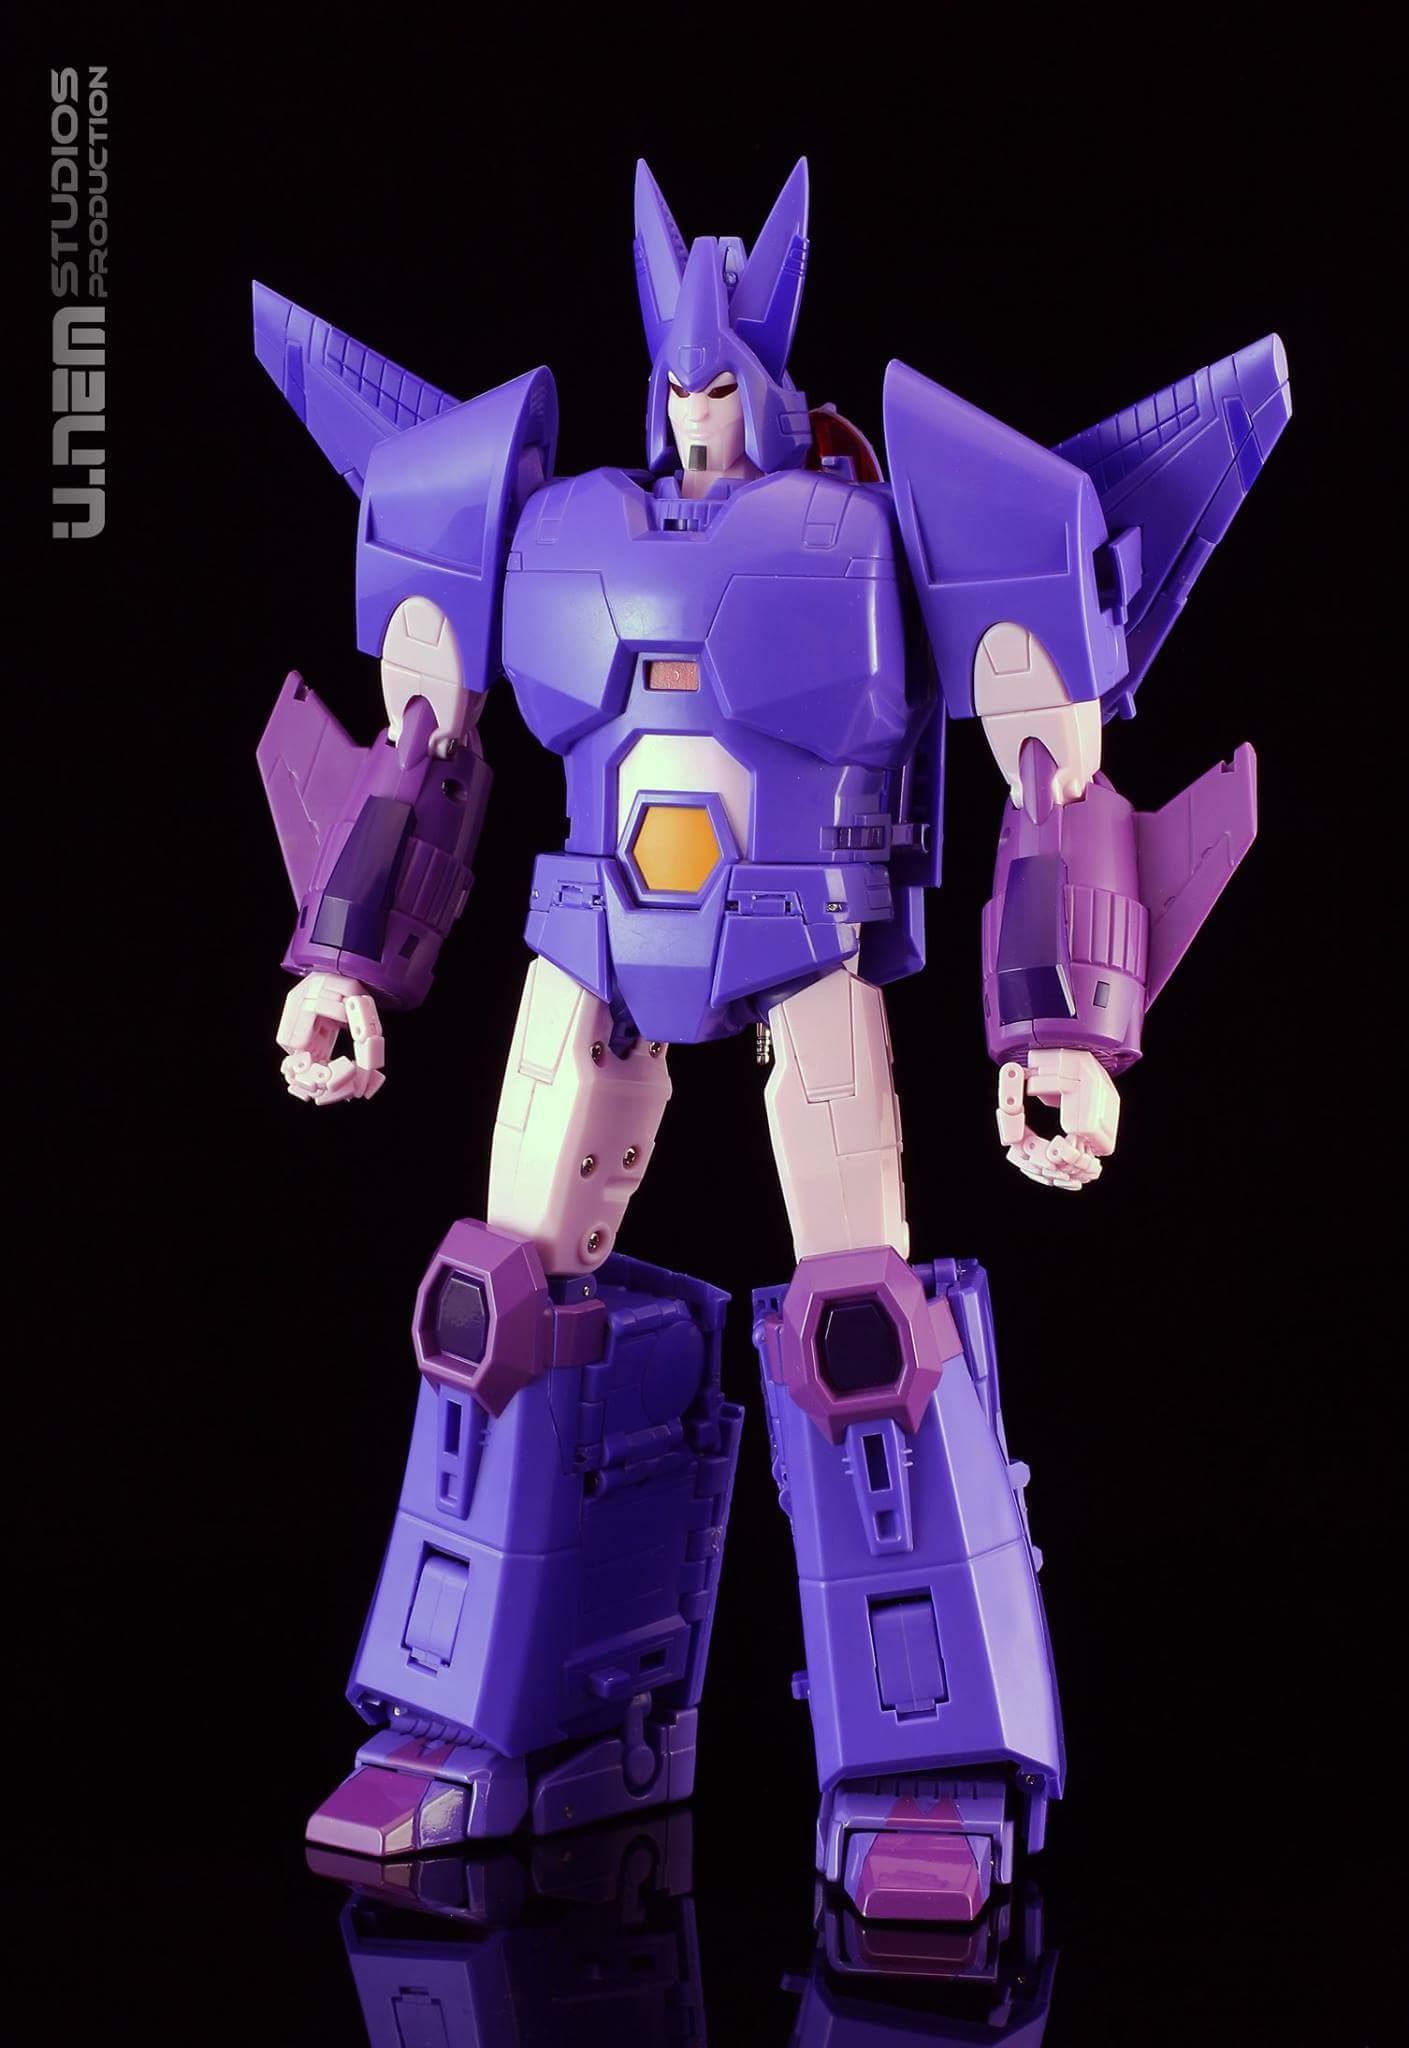 [X-Transbots] Produit Tiers - MX-III Eligos - aka Cyclonus - Page 2 IW00spgE